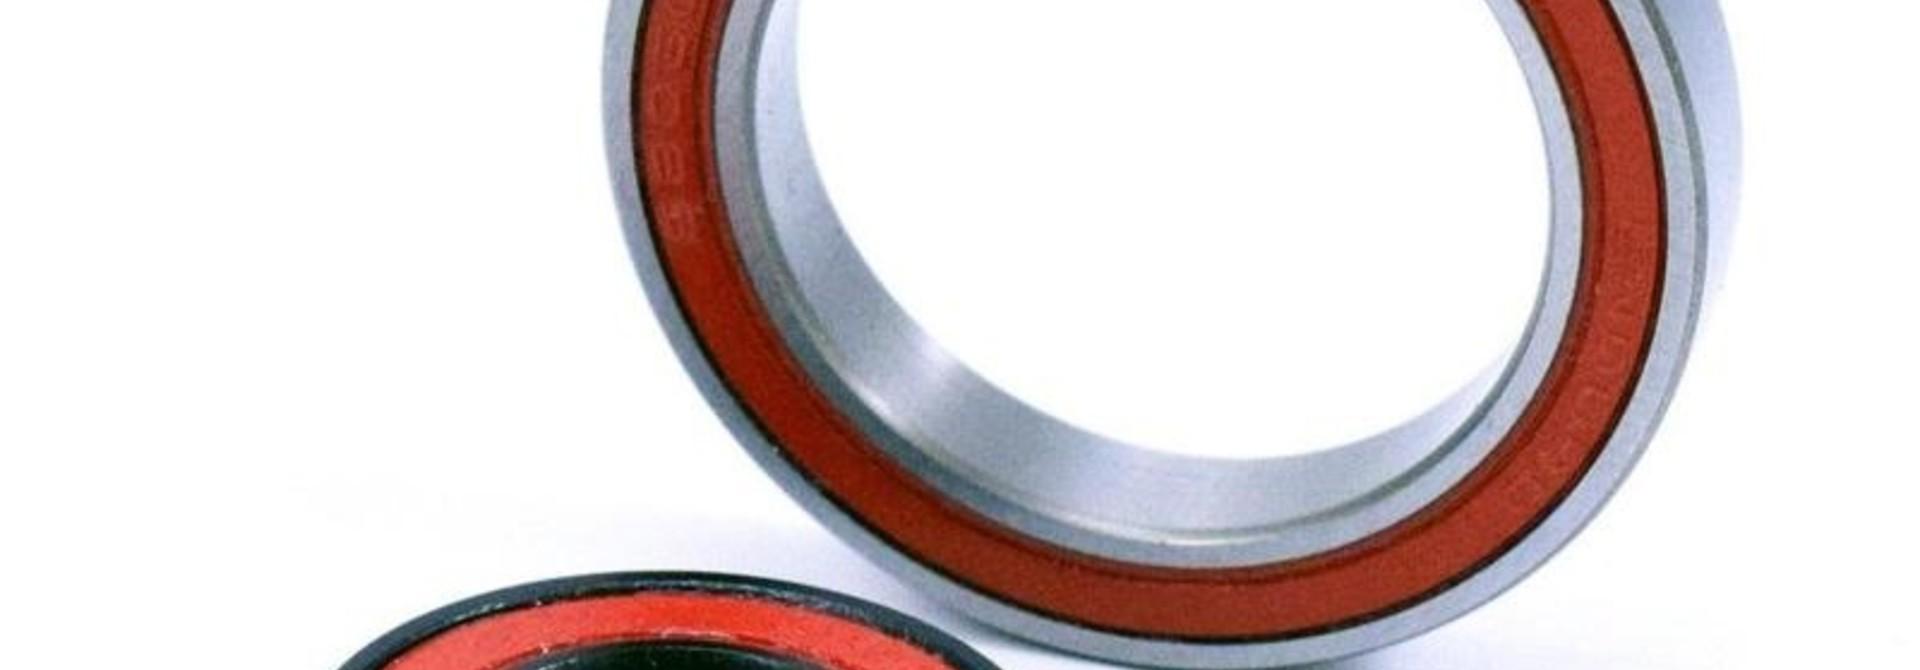 Enduro MR 15267 A5 bearing